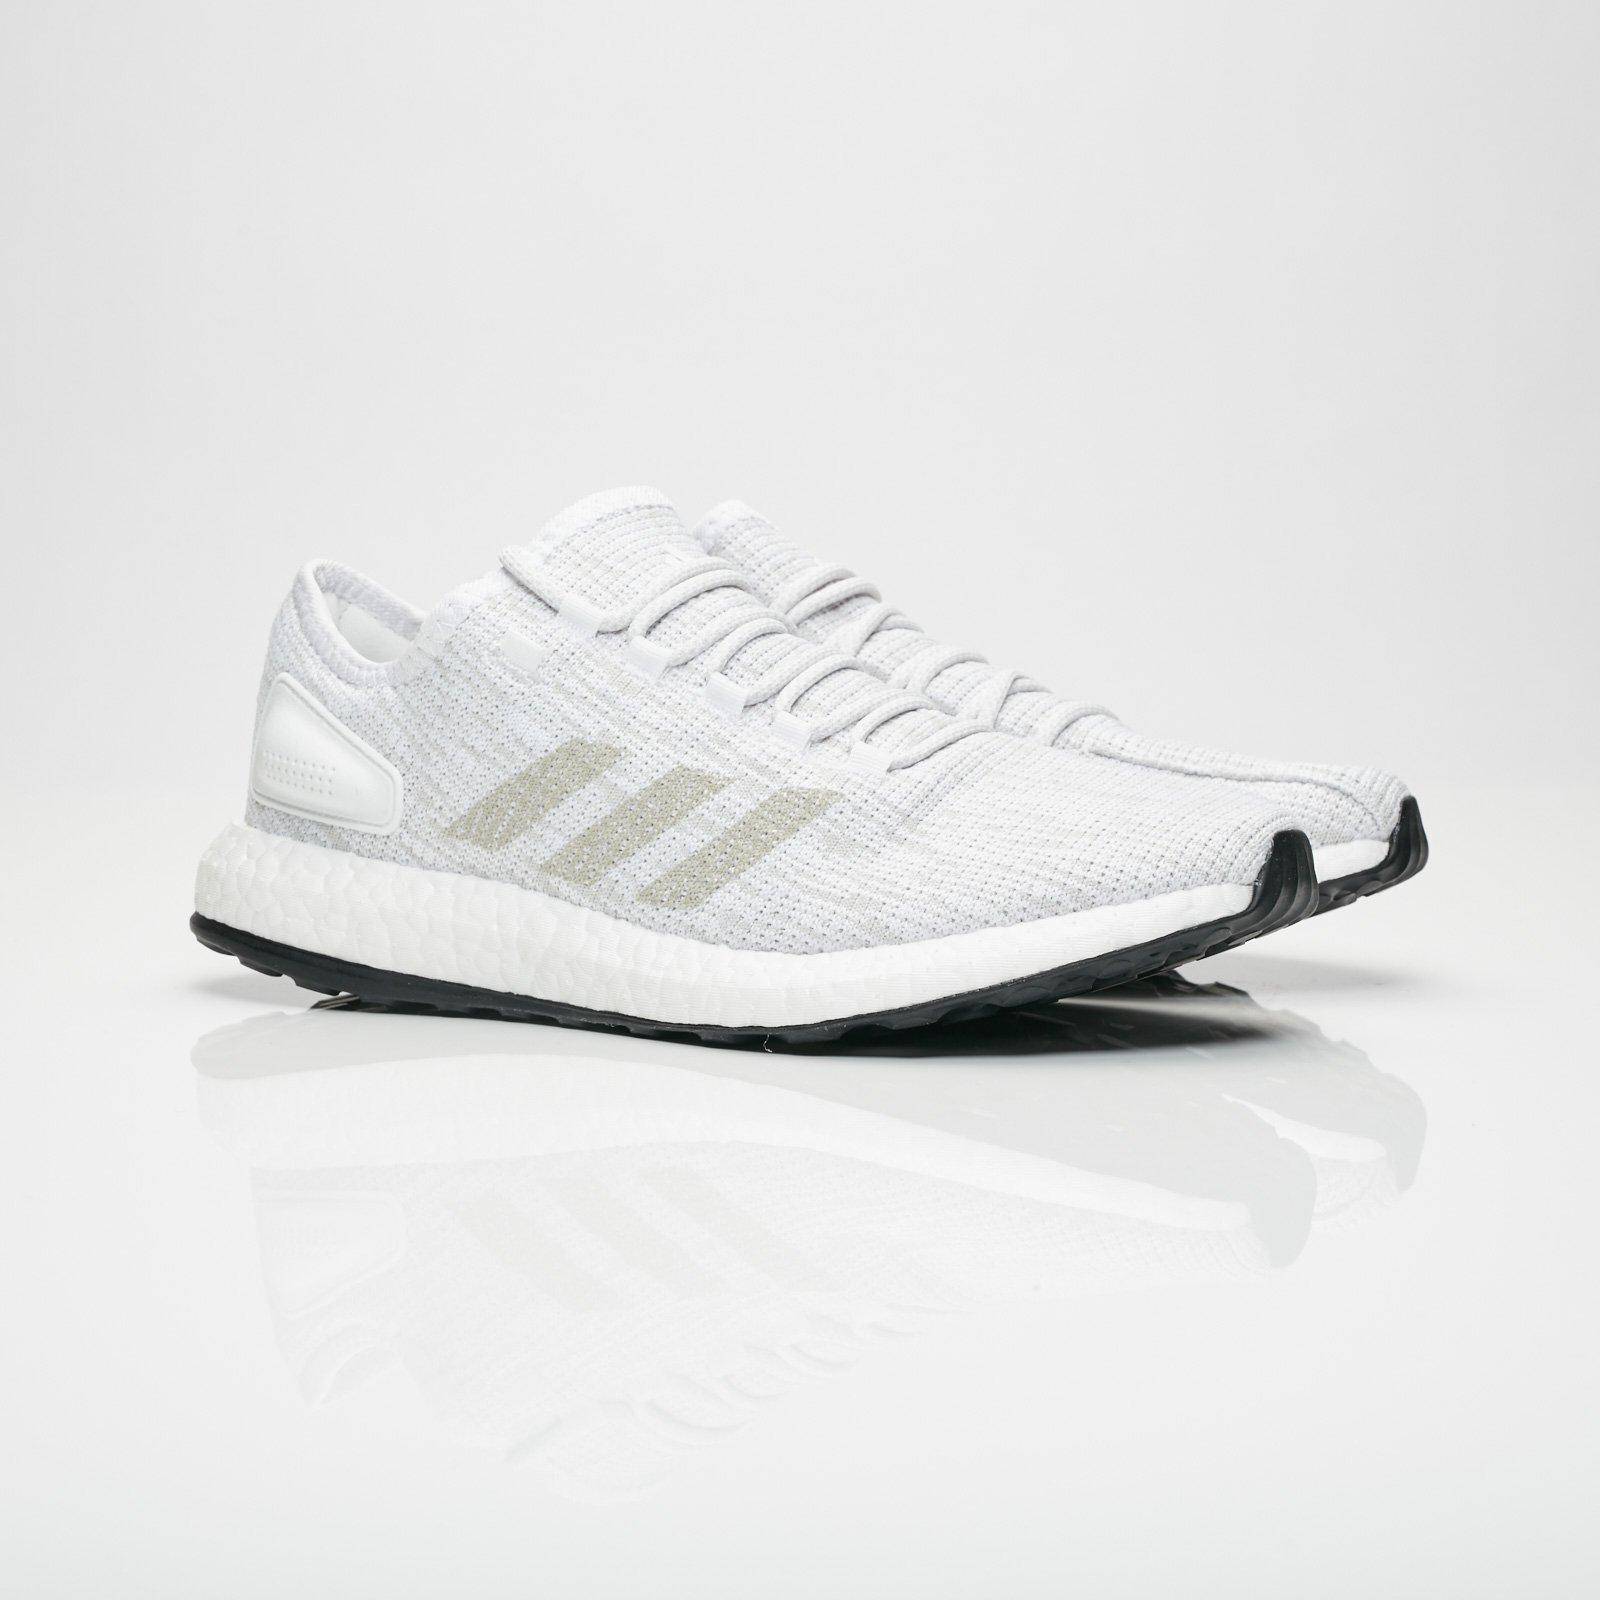 fe65b3d10afa adidas PureBOOST - Bb6277 - Sneakersnstuff